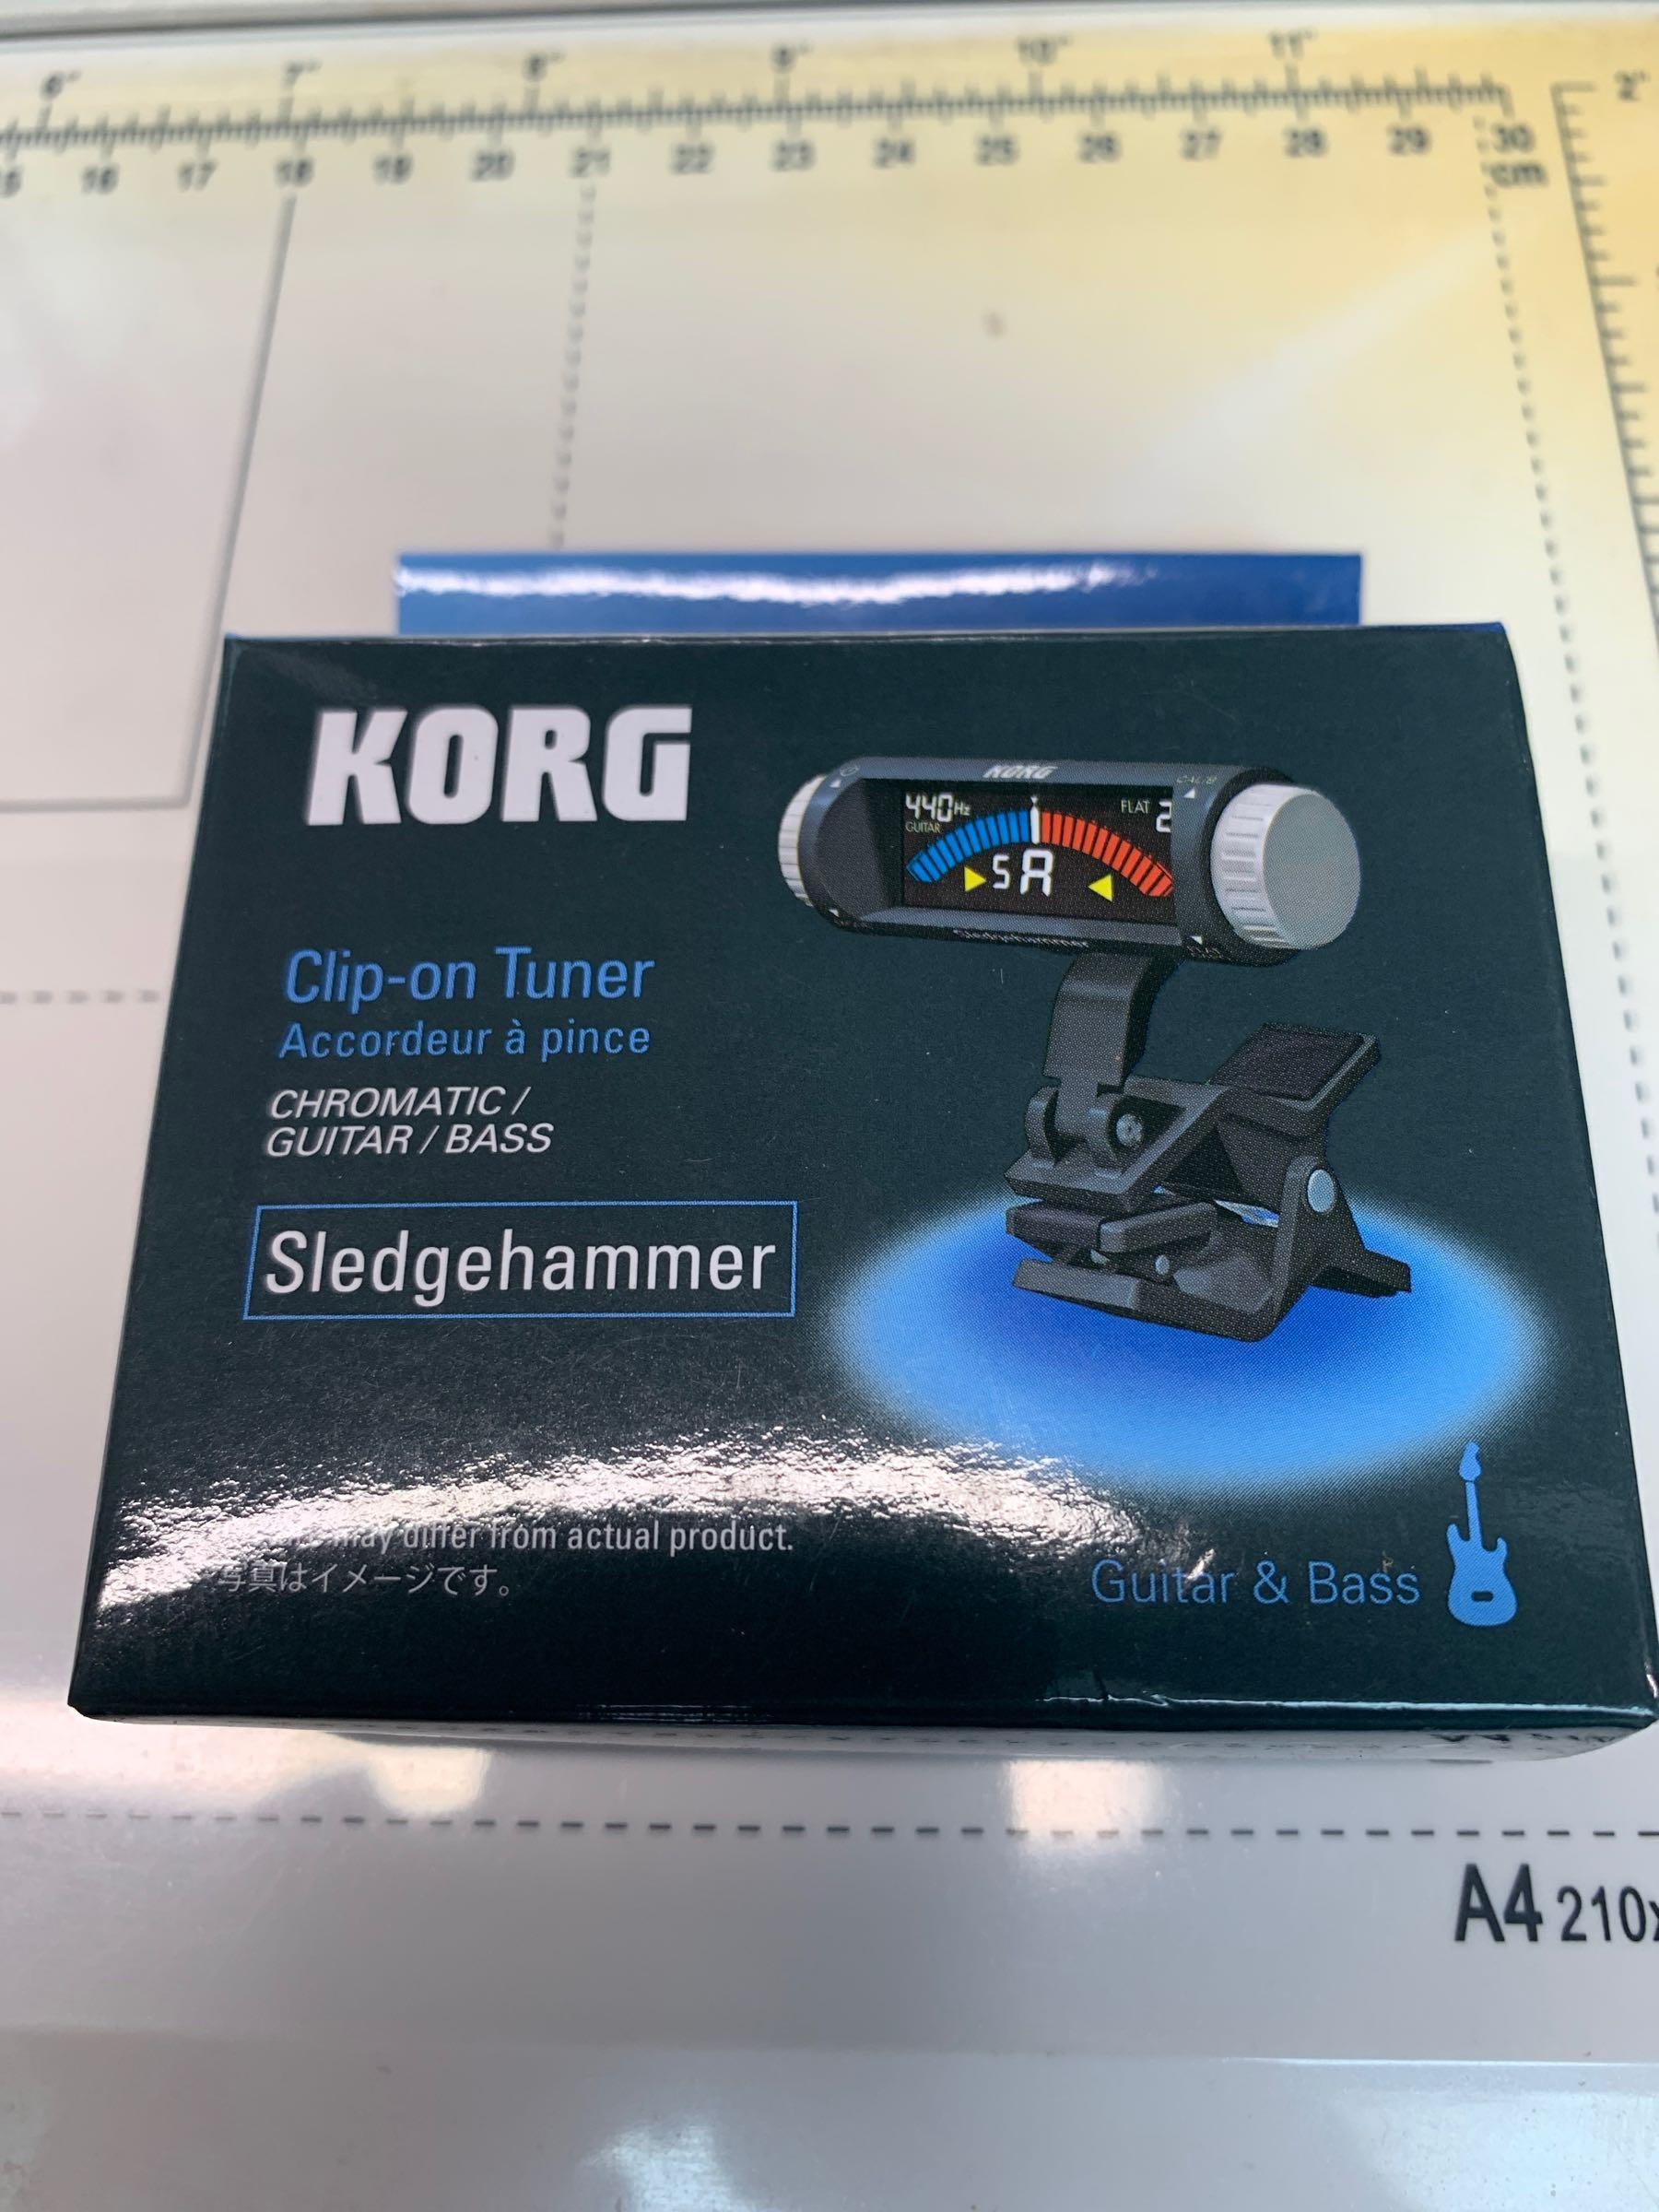 Korg Sledgehammer tuner